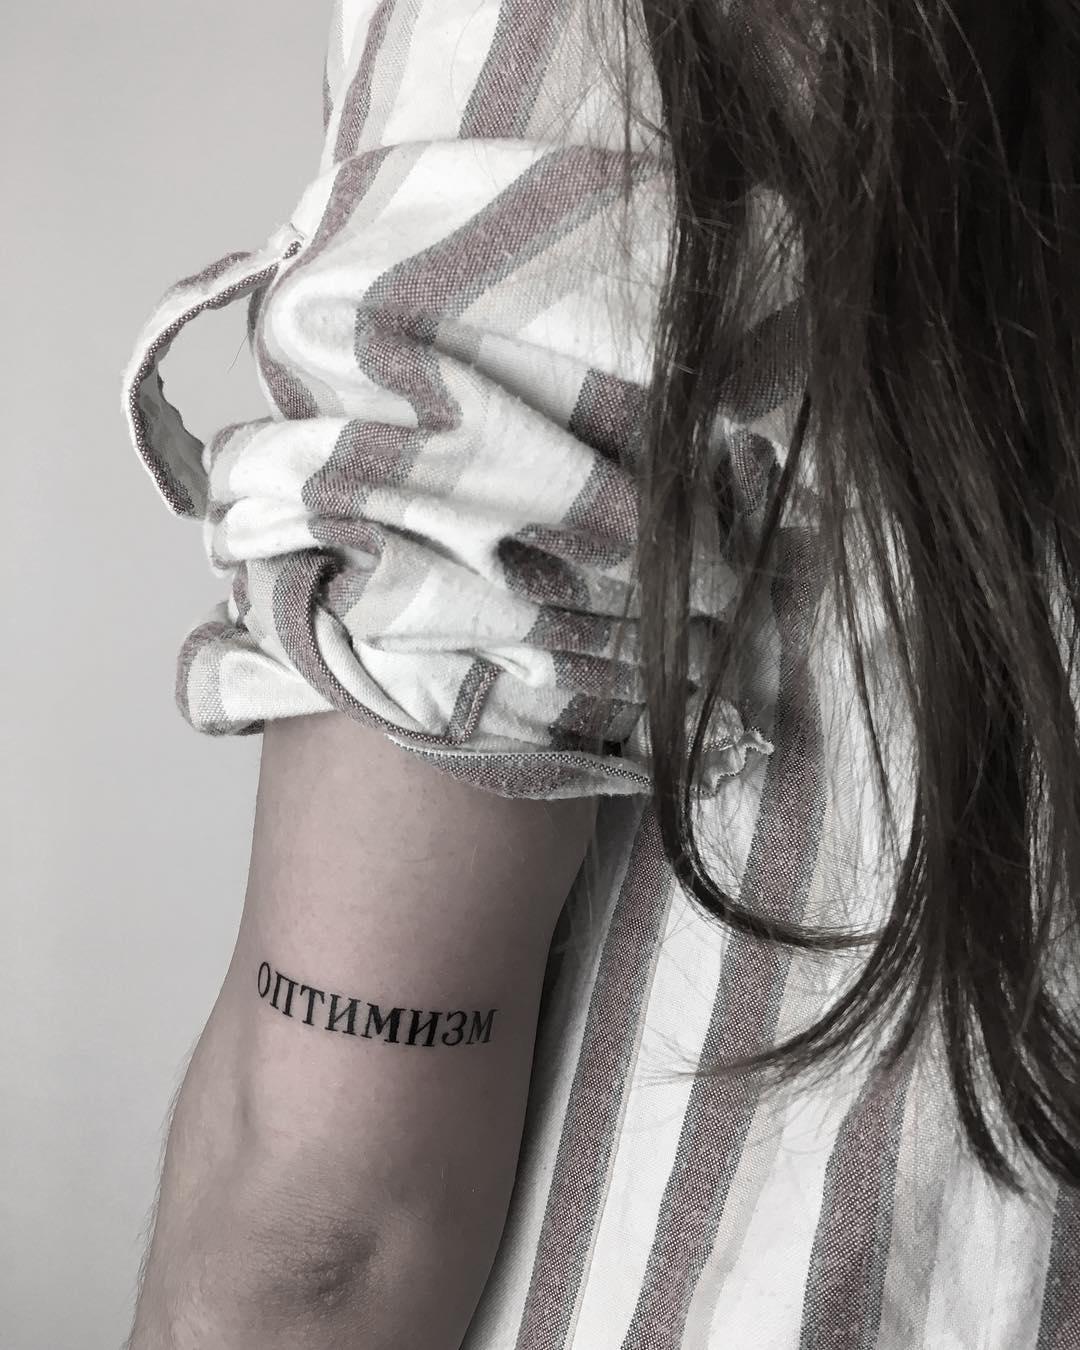 оптимизм tattoo by Krzysztof Szeszko